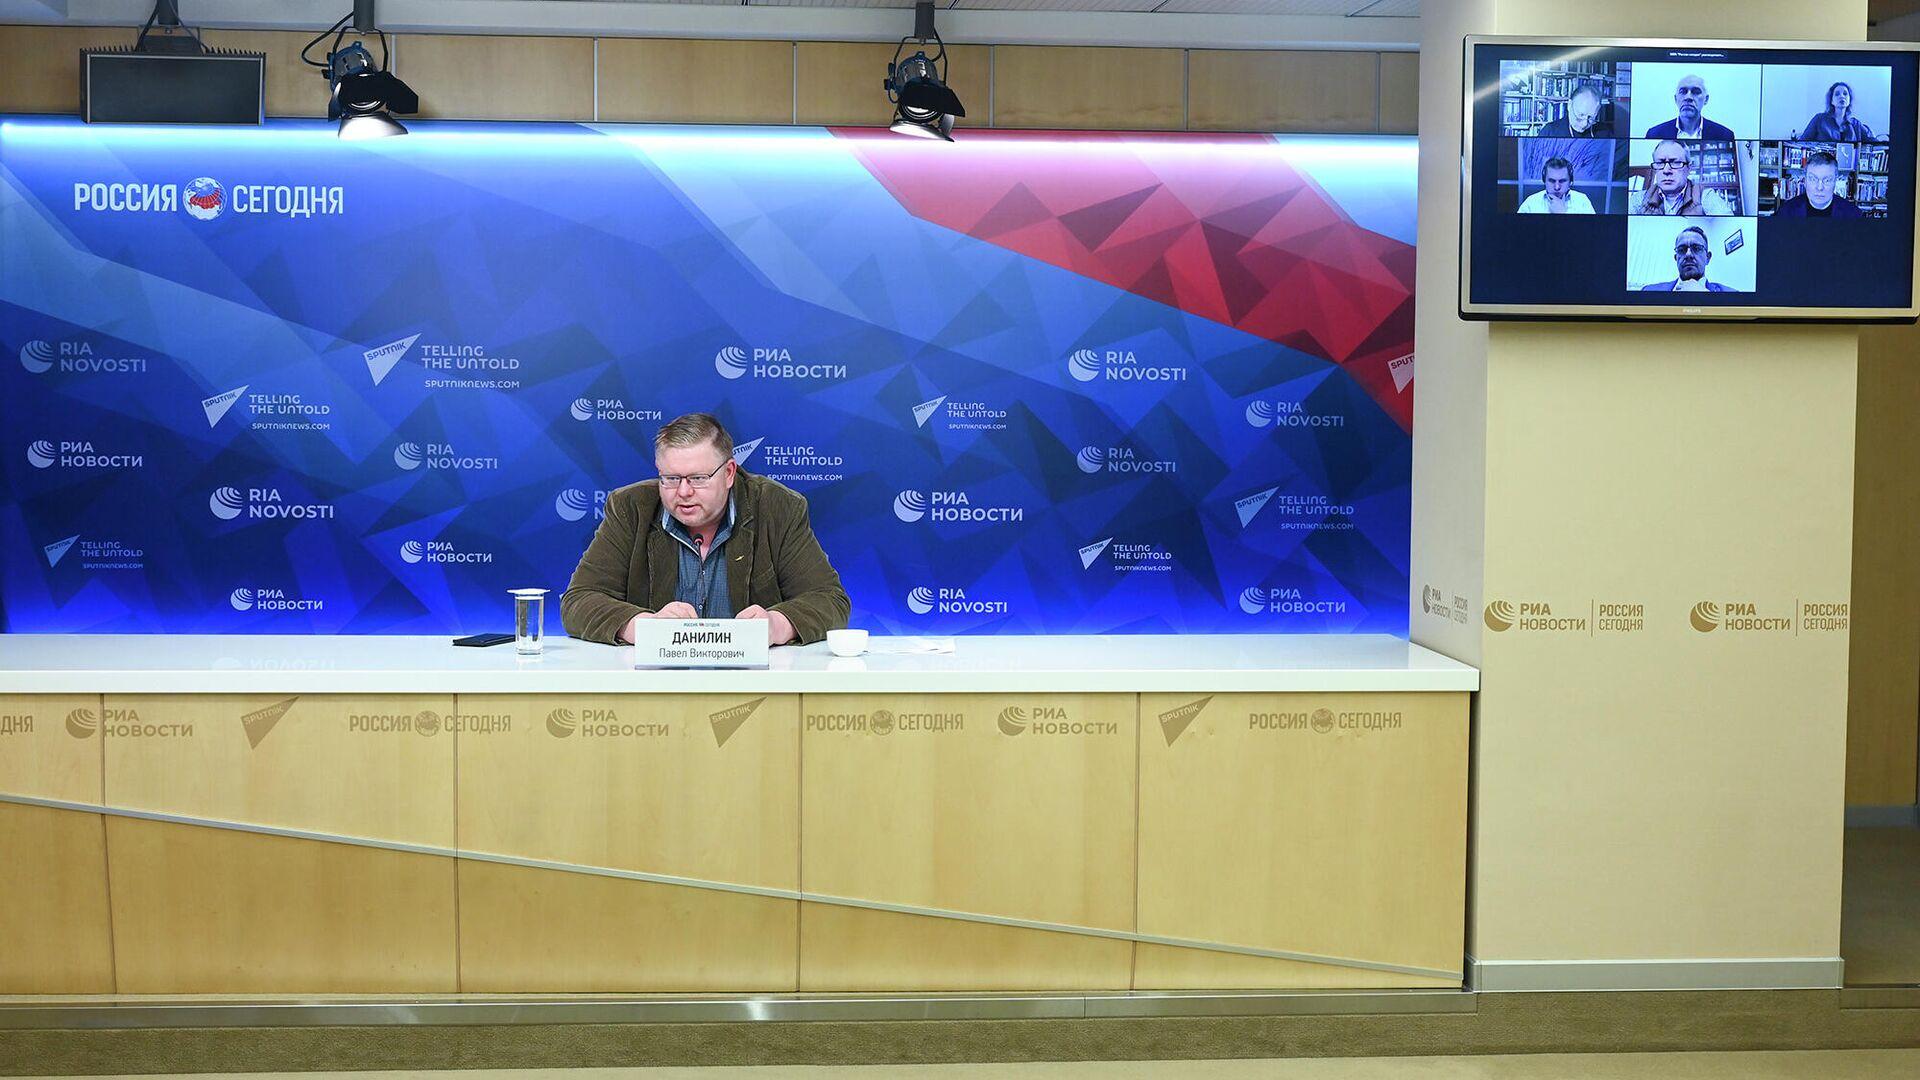 Особенности избирательной кампании: эксперты обсудили предстоящие выборы